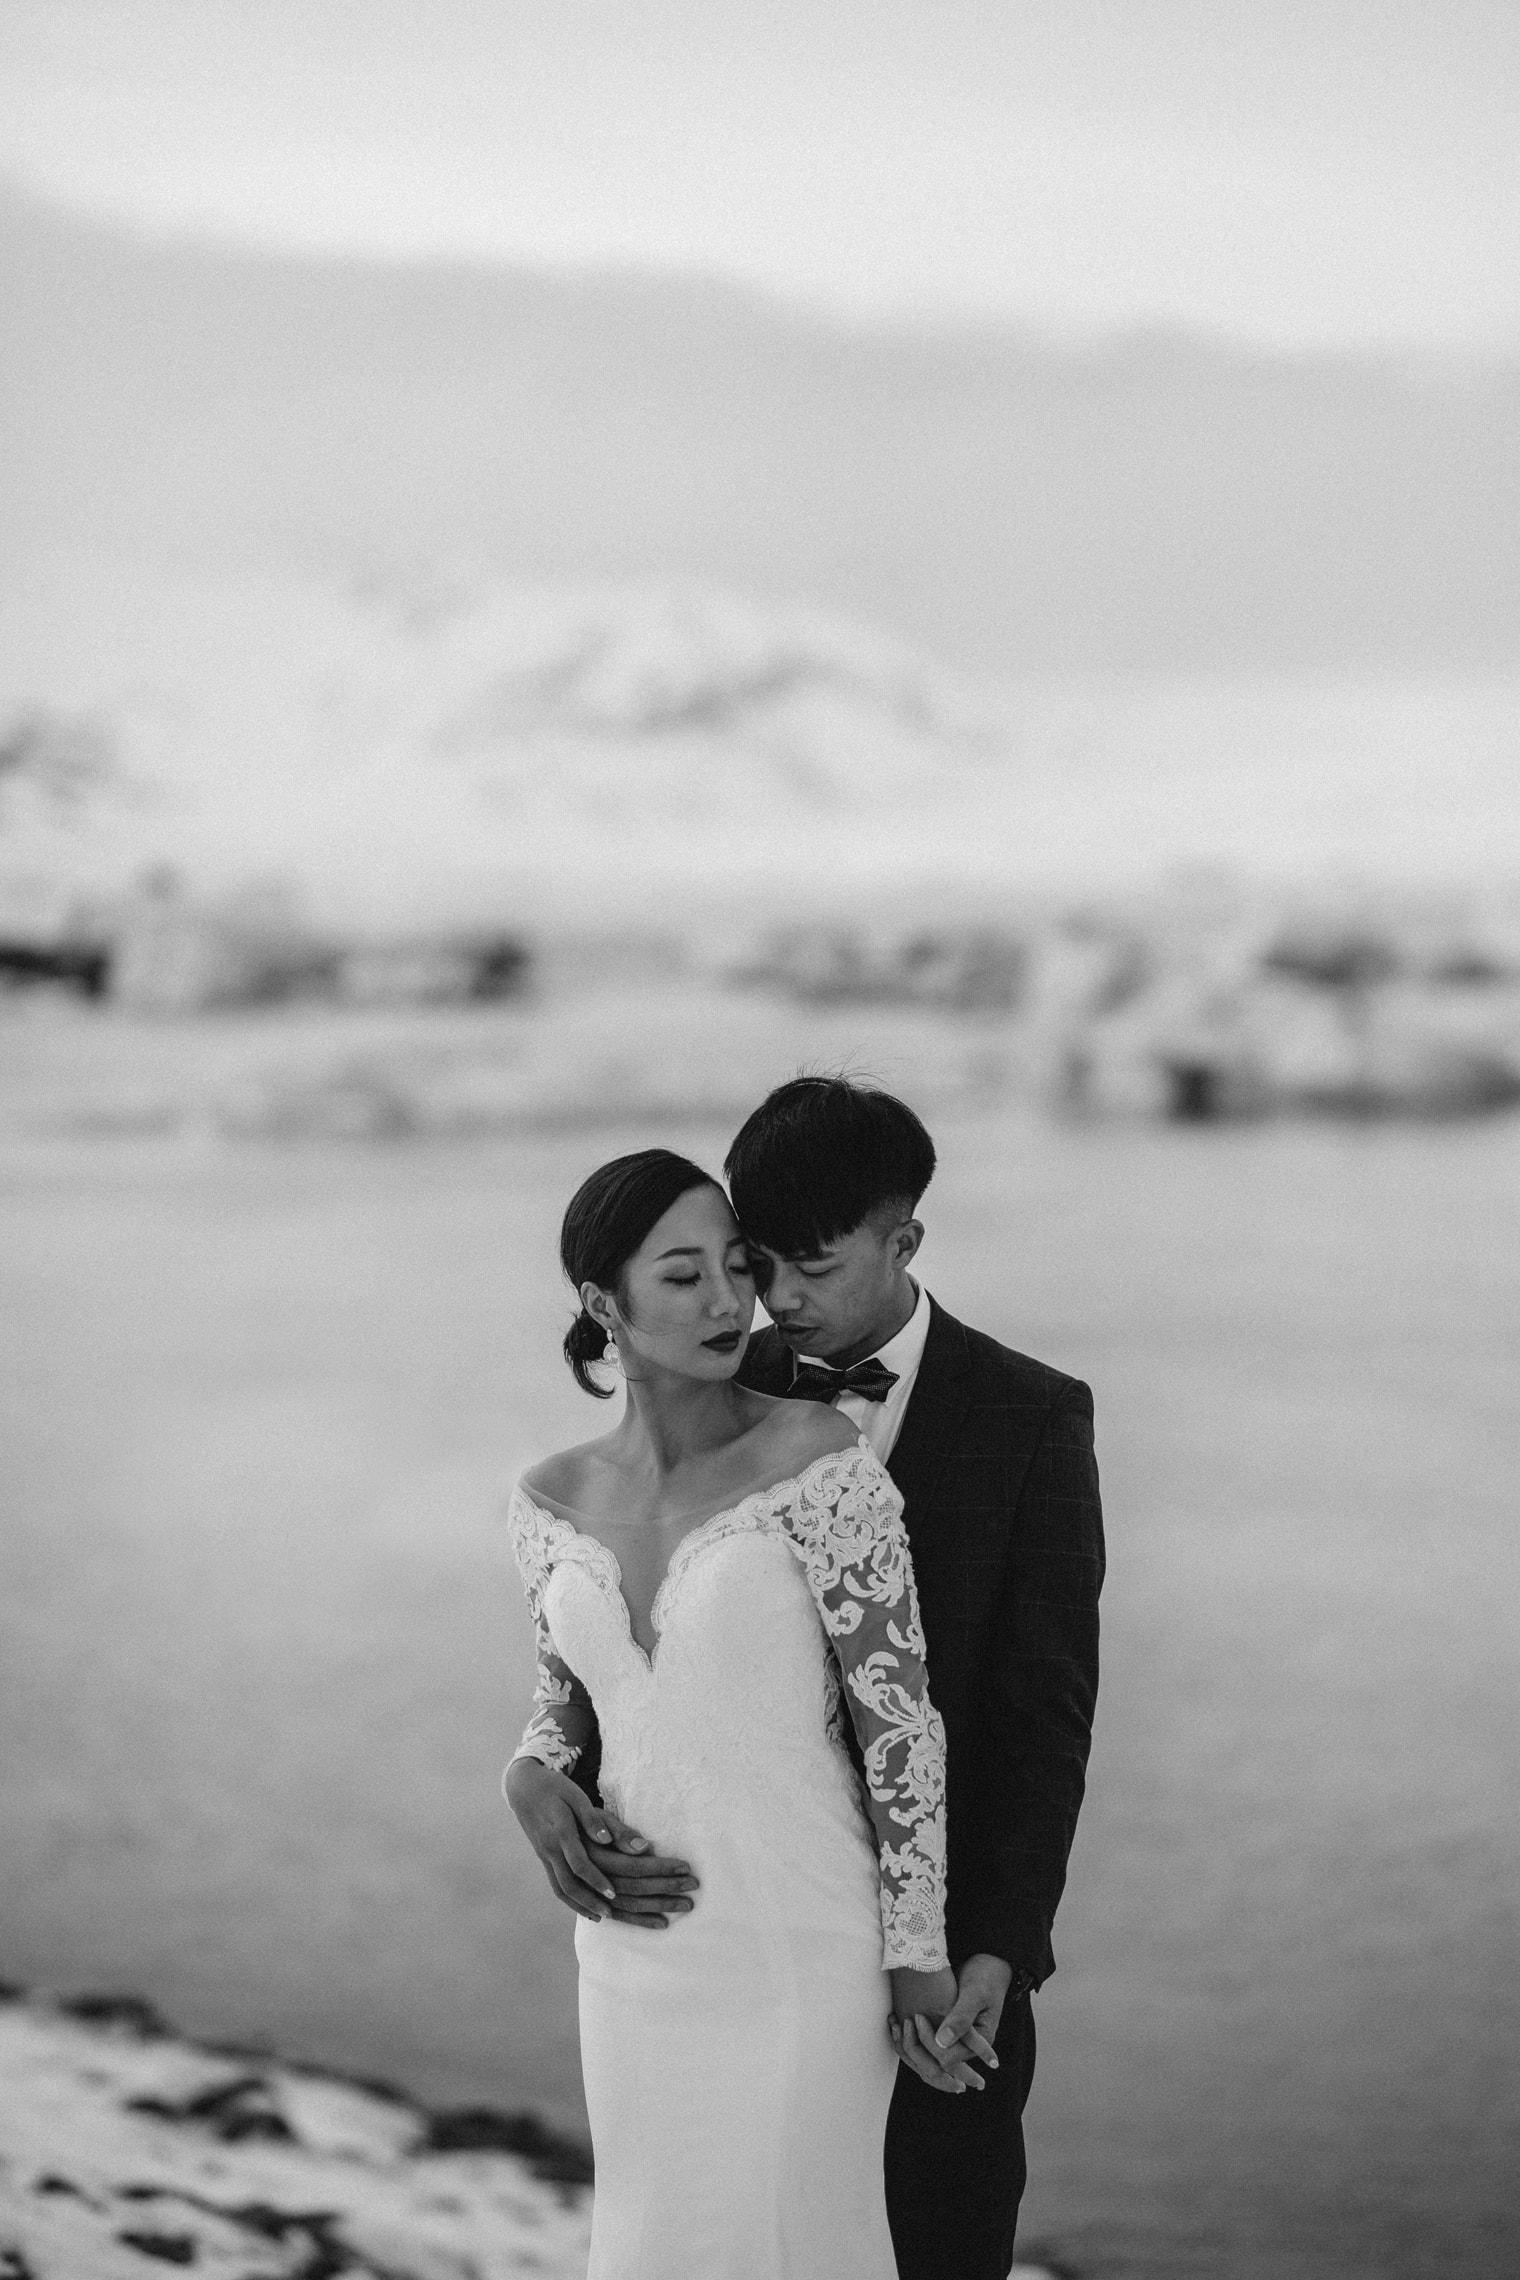 Iceland wedding at Jökulsárlón